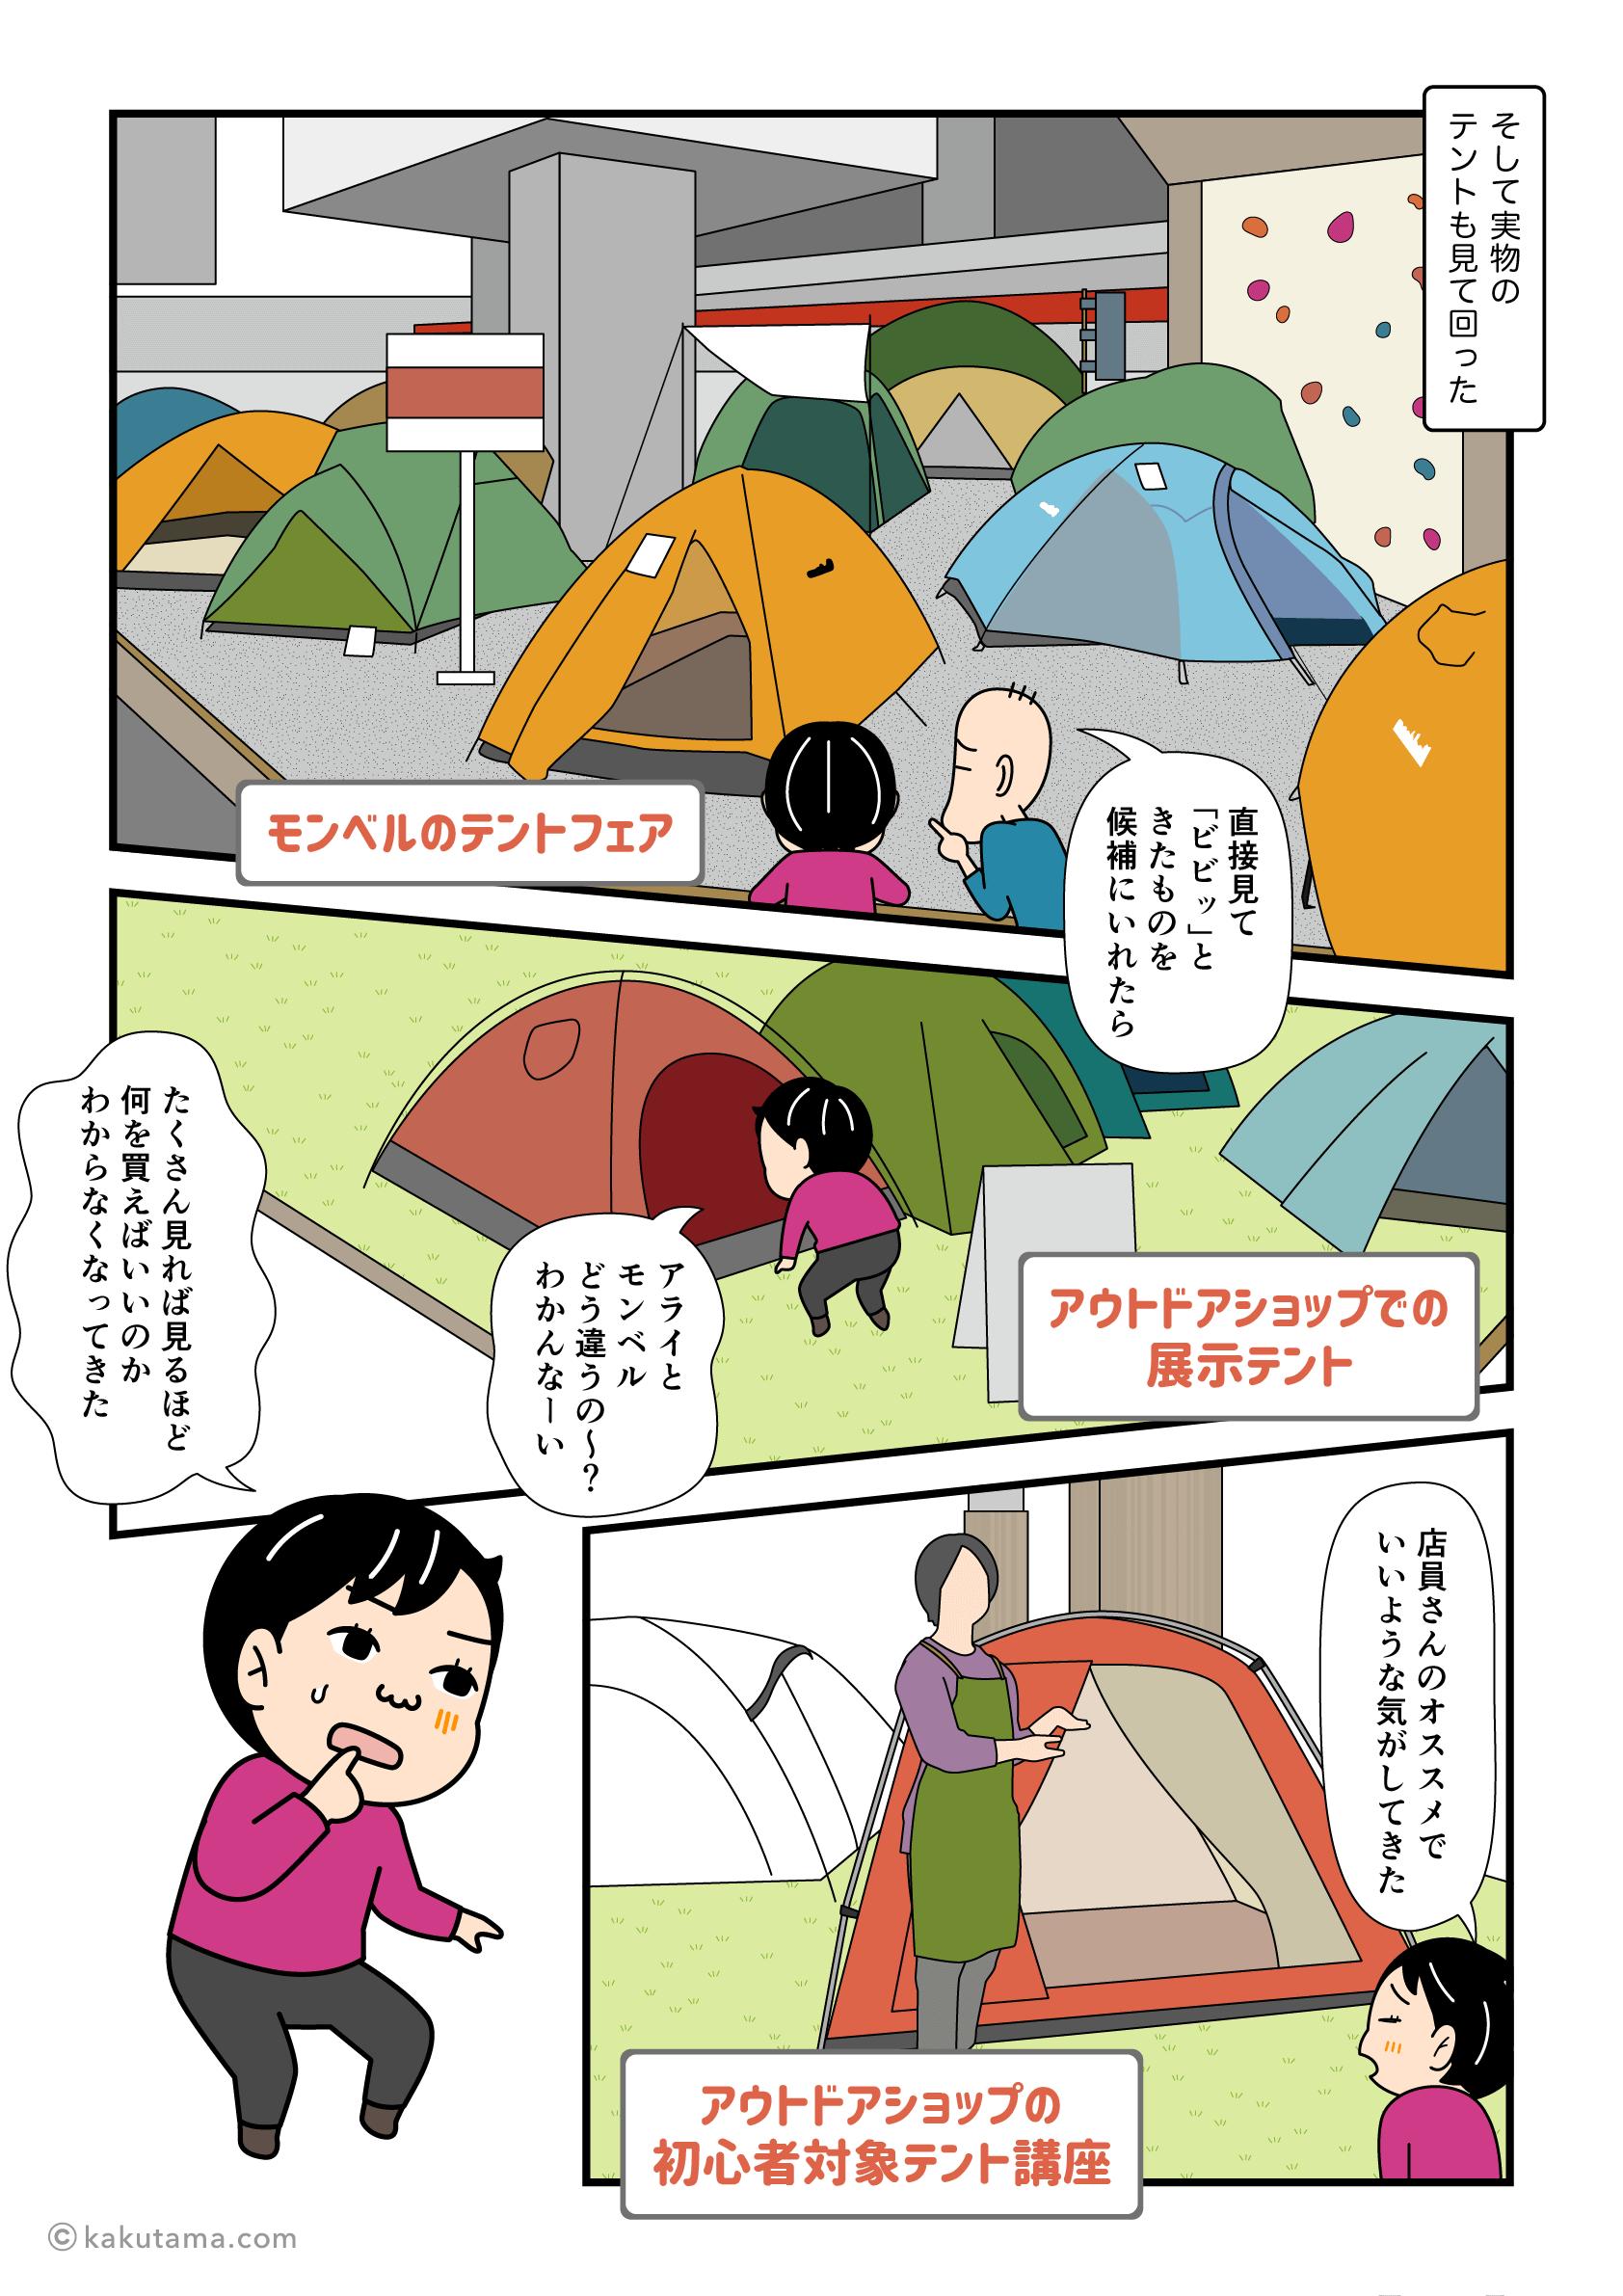 現物のテントを見て回るマンガ